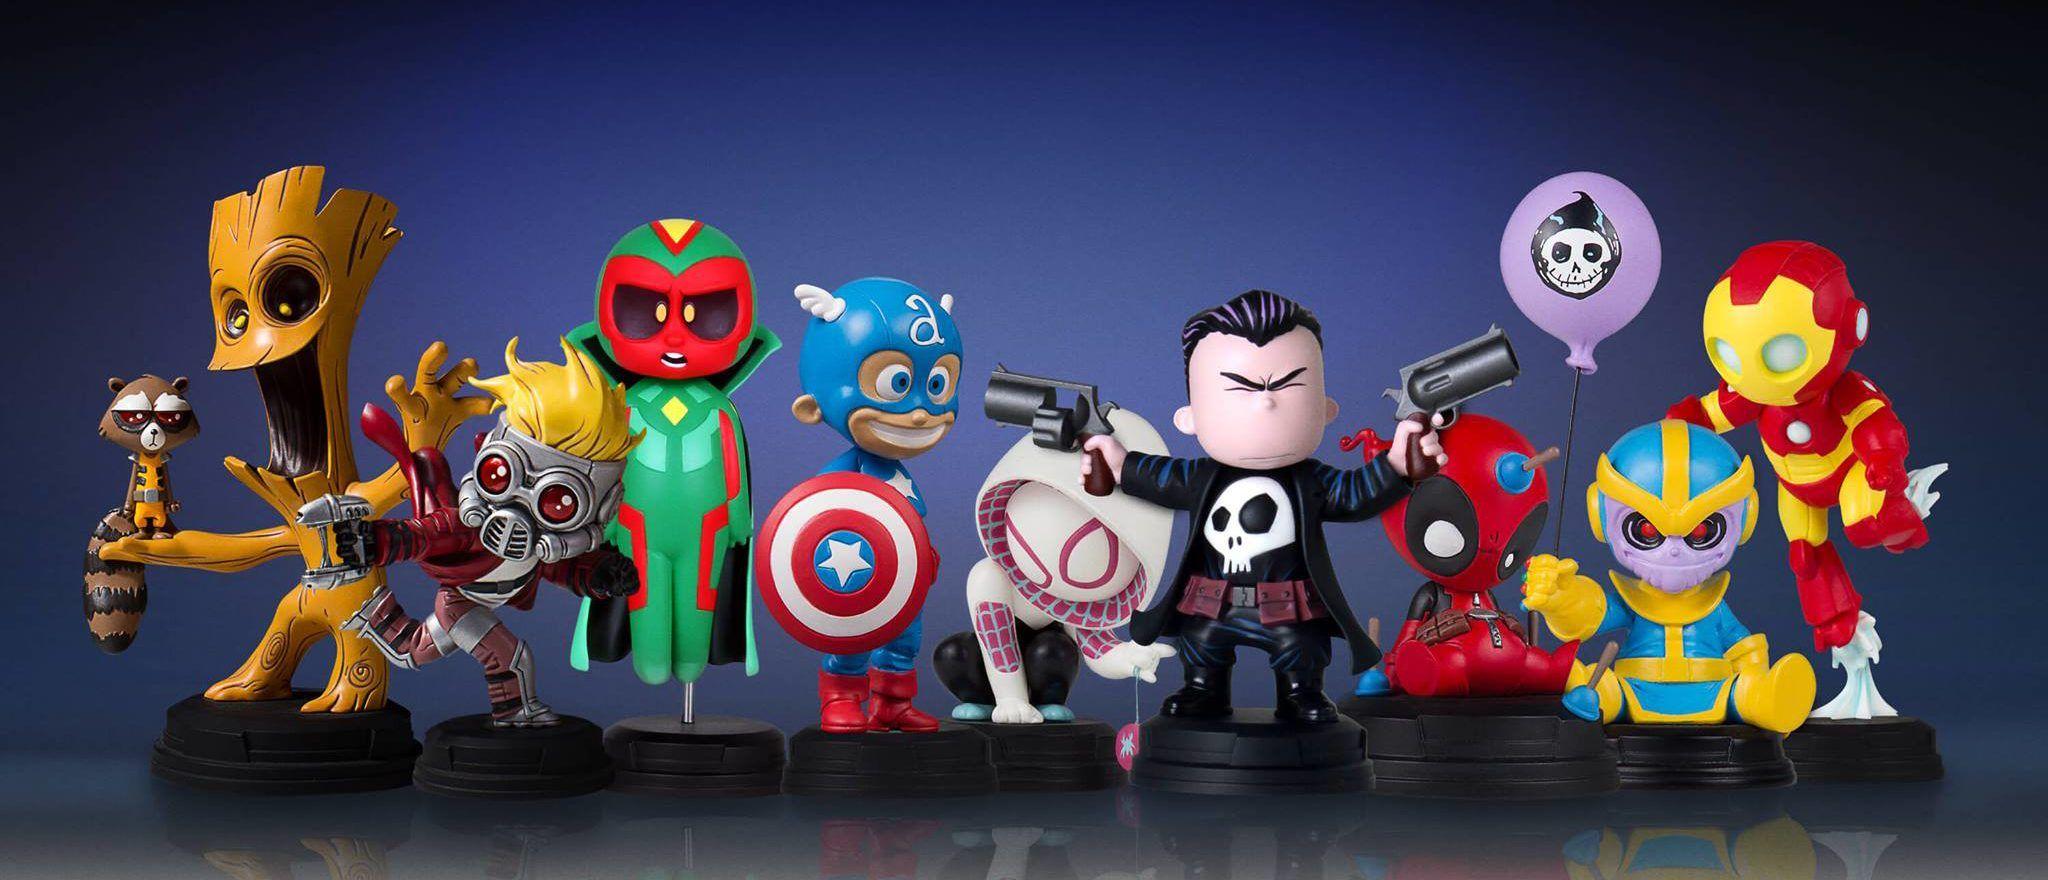 Skottie-Young-Marvel-Babies-Statues-Complete-Lineup-Gentle-Giant-e1484843522772.jpg (2048×880)